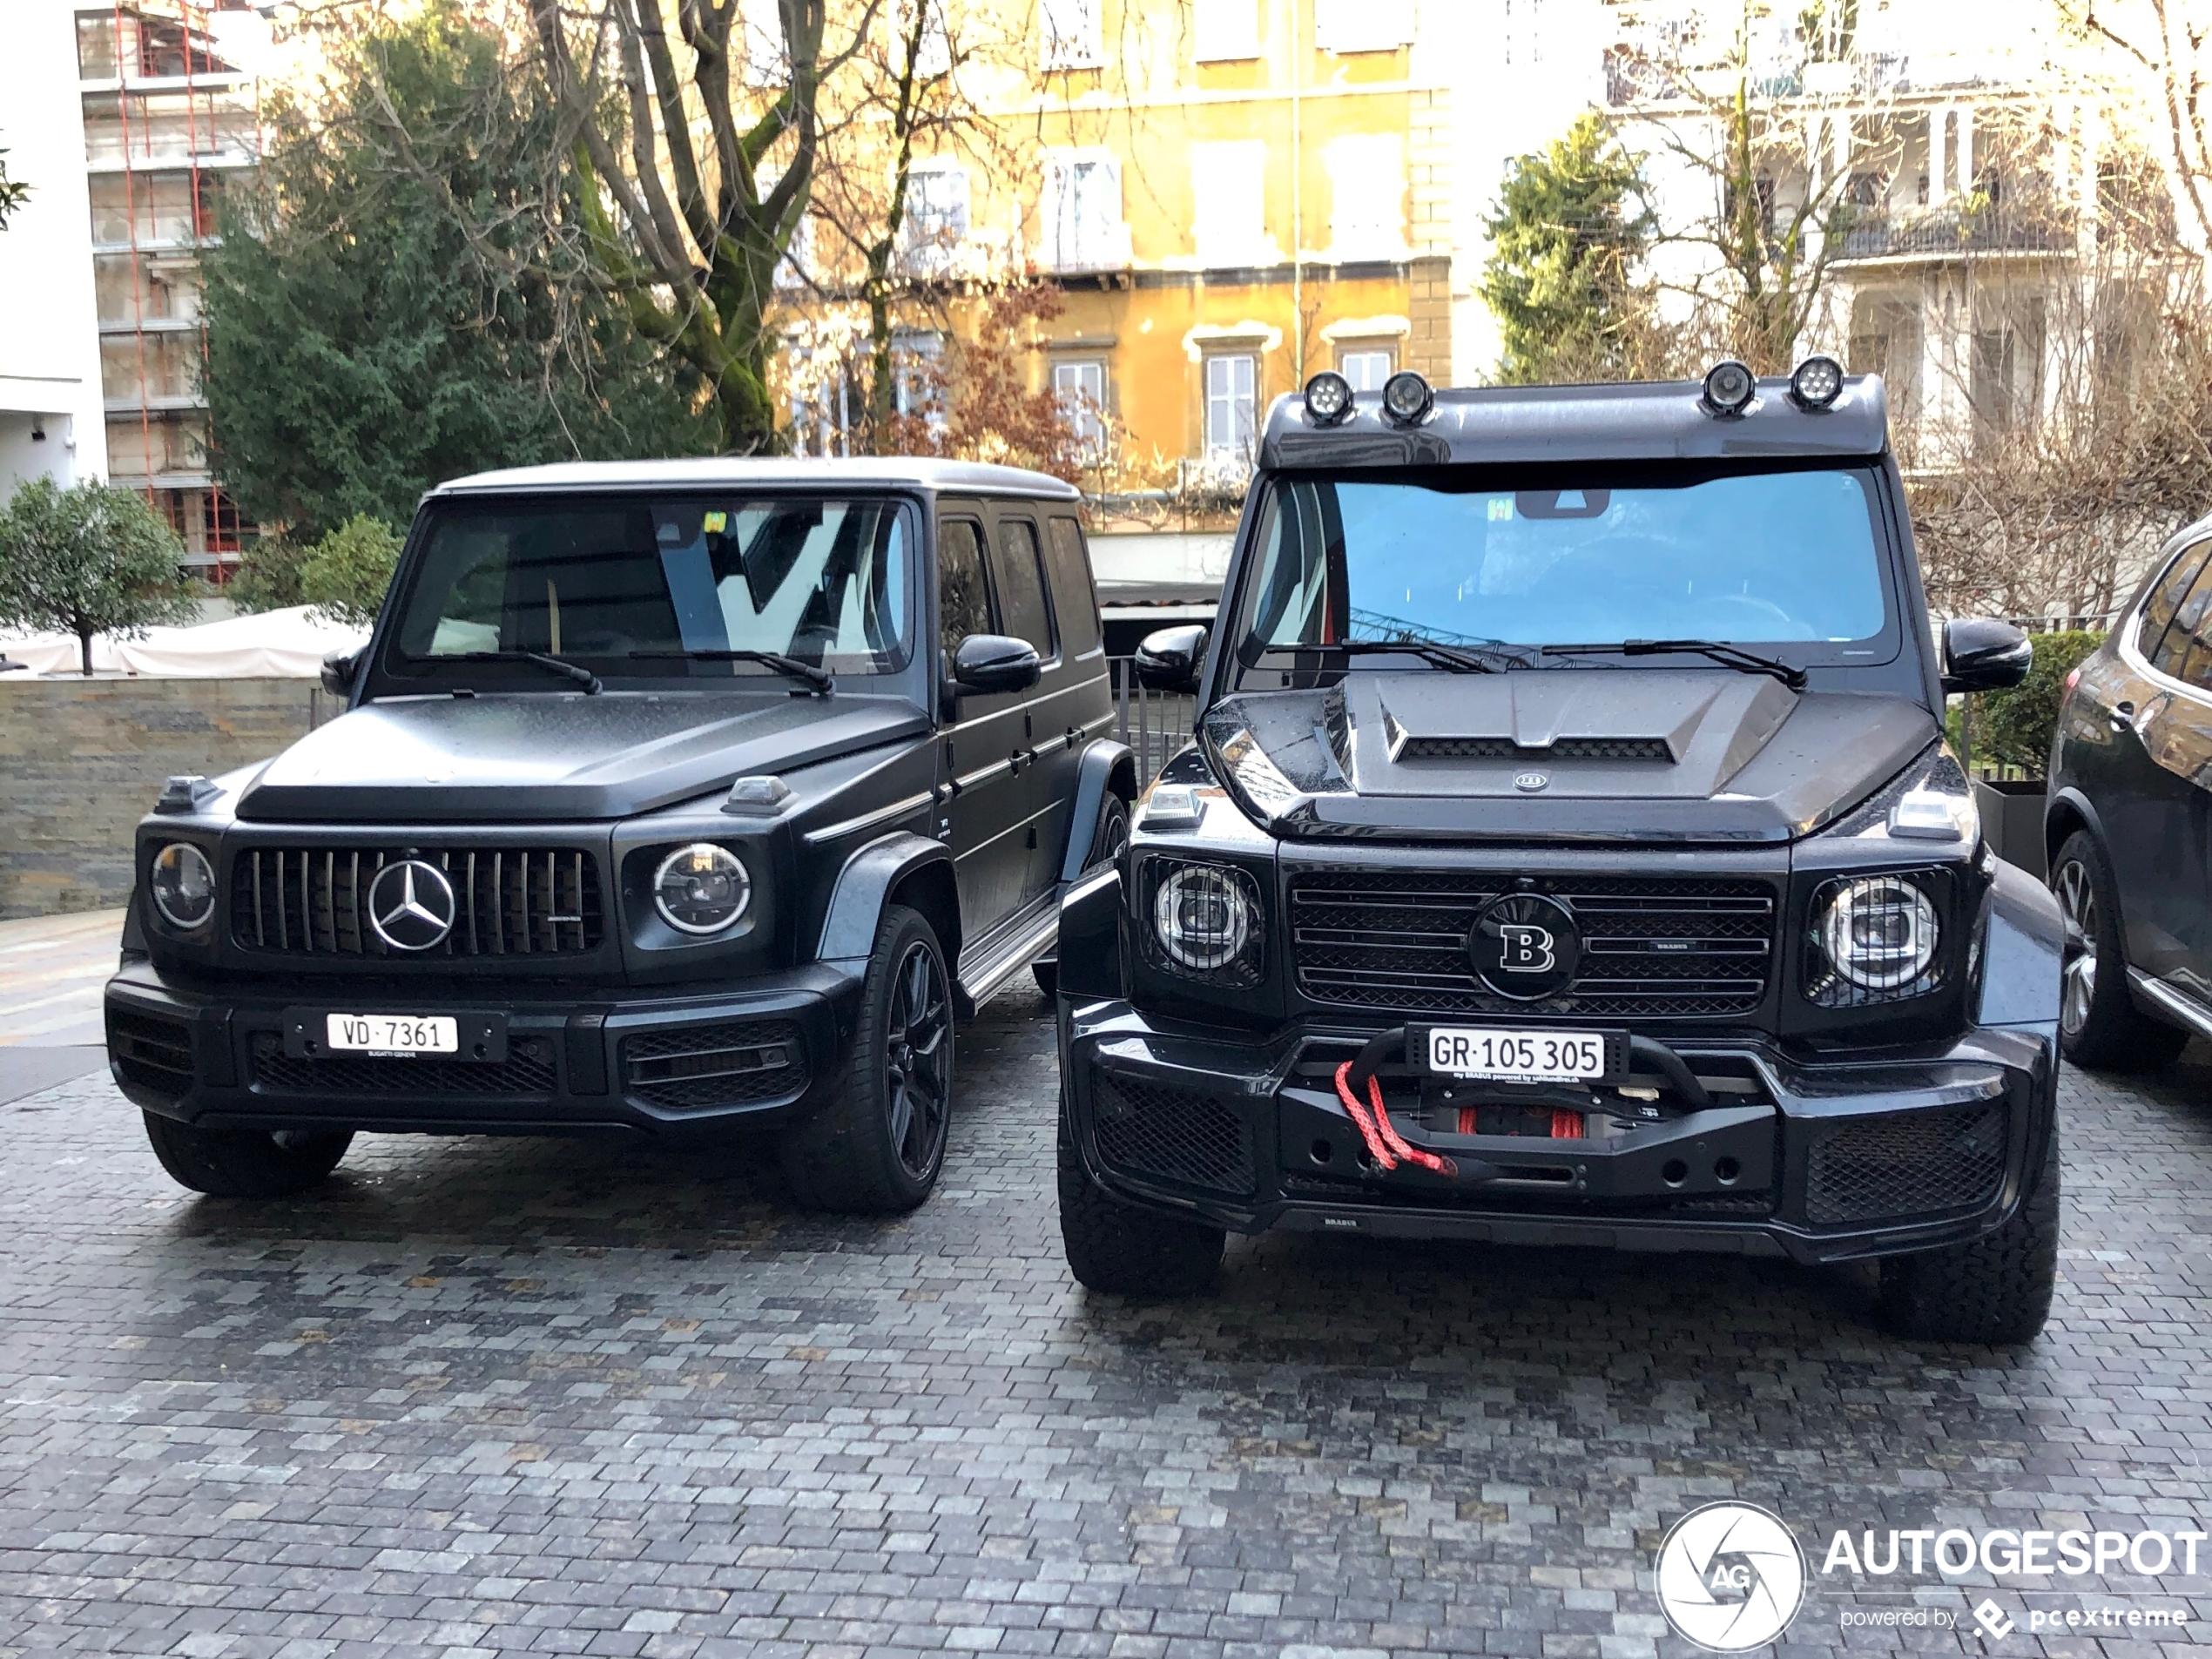 Een normale Mercedes-Benz G-Klasse is maar zo normaal